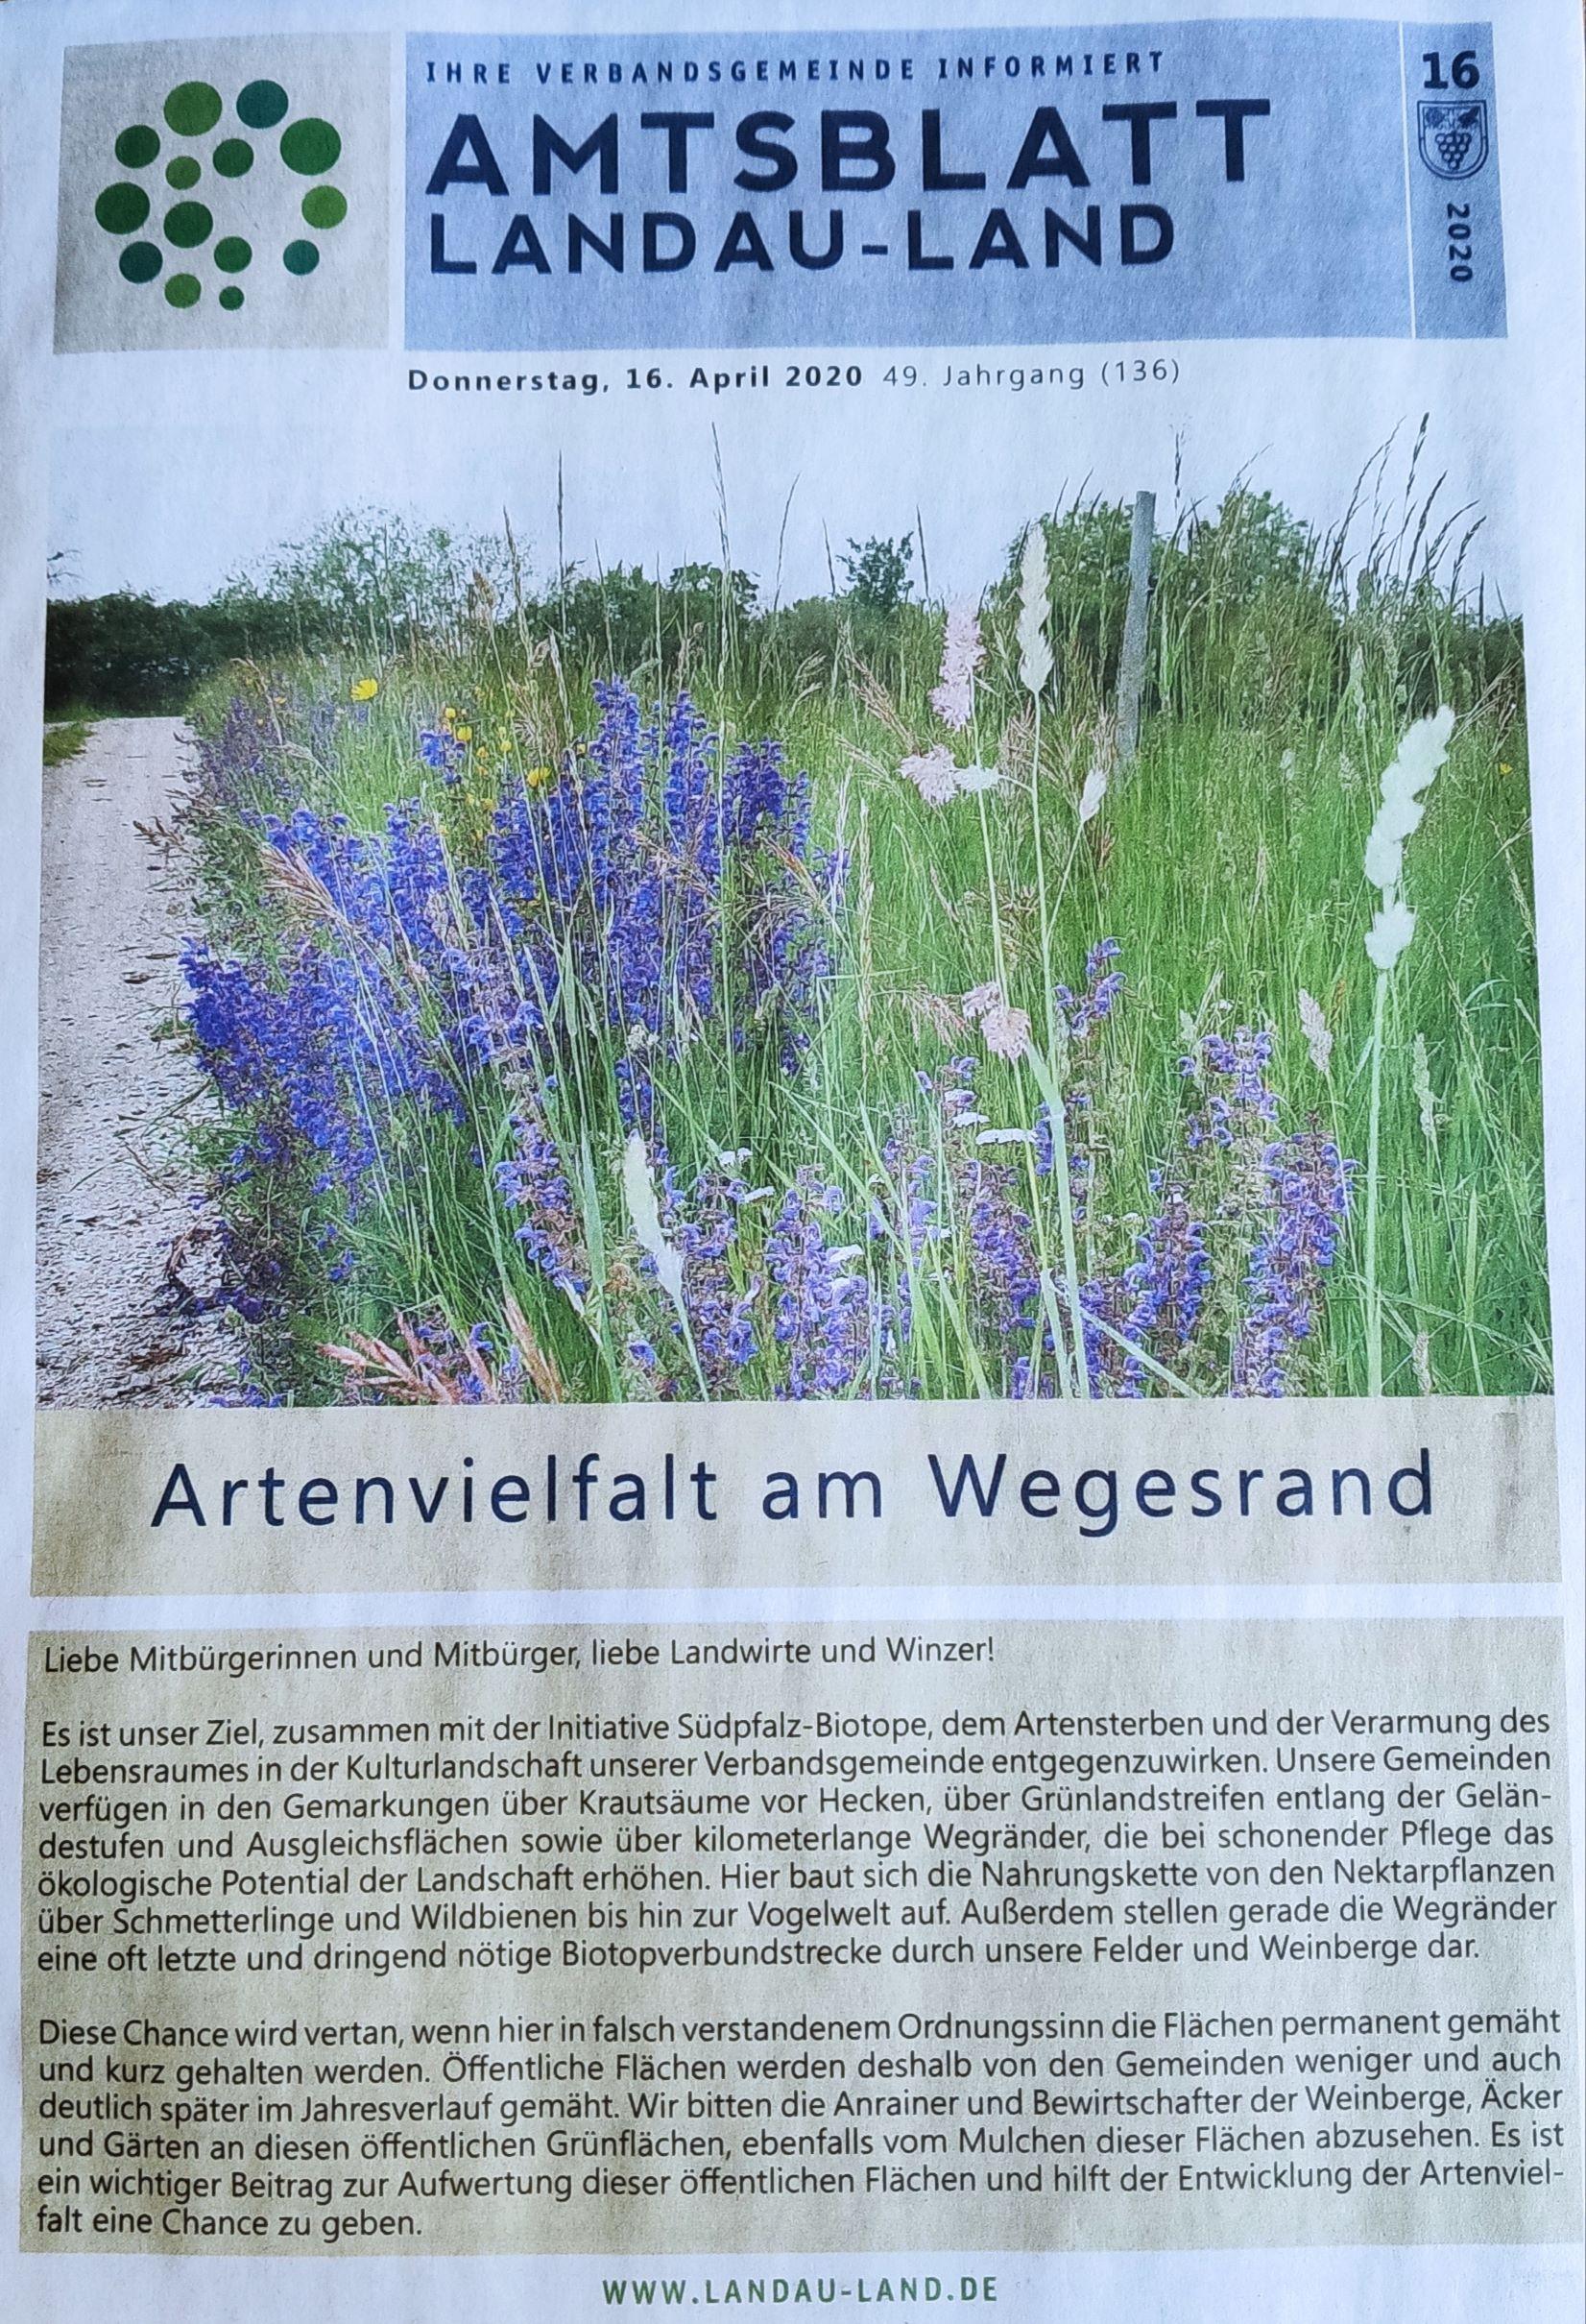 Amtsblatt Landau-Land